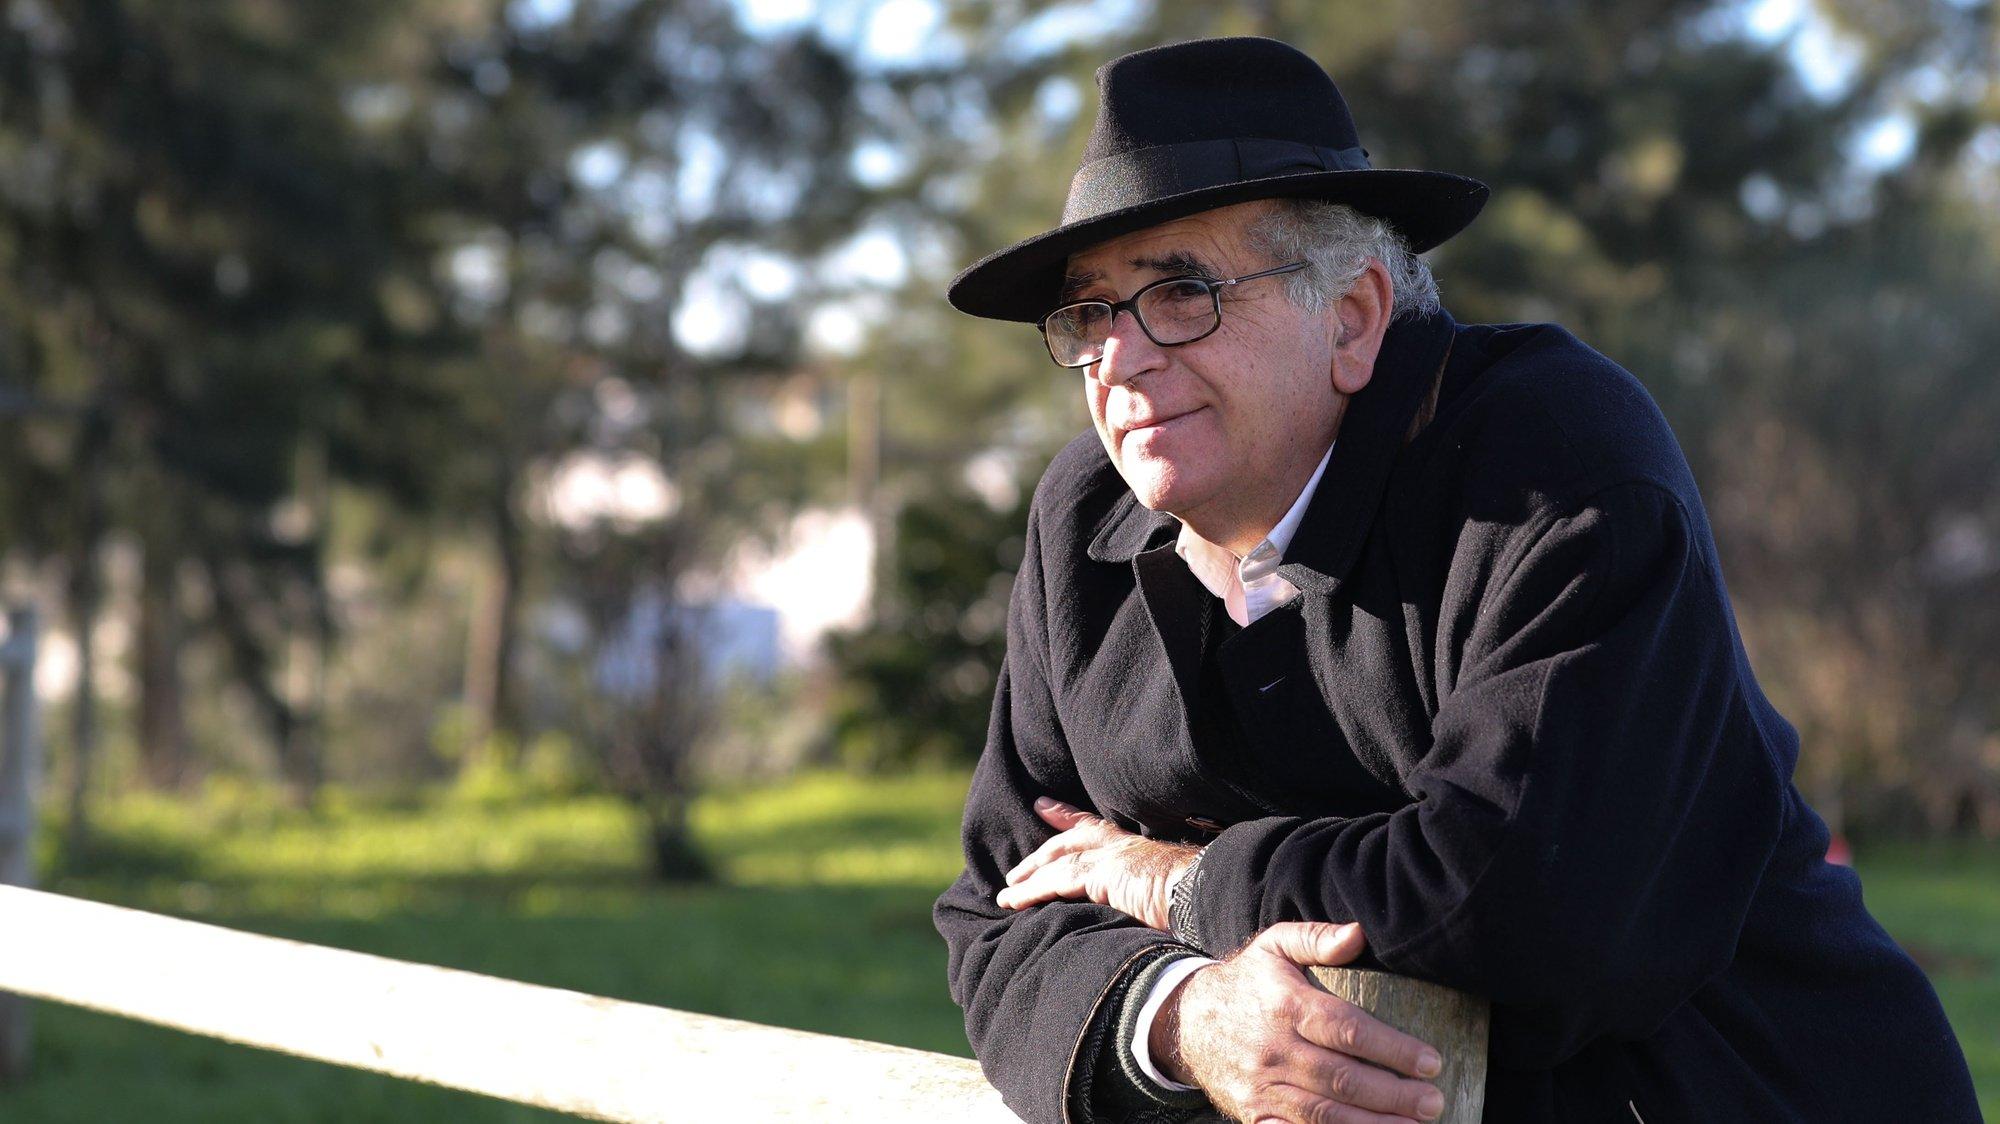 O vereador do Ambiente da Câmara Municipal de Lisboa, José Sá Fernandes, posa para a fotografia durante uma entrevista à agência Lusa, em Lisboa, 08 de janeiro de 2020. (ACOMPANHA TEXTO DO DIA 10 DE JANEIRO DE 2020) ANTÓNIO COTRIM/LUSA